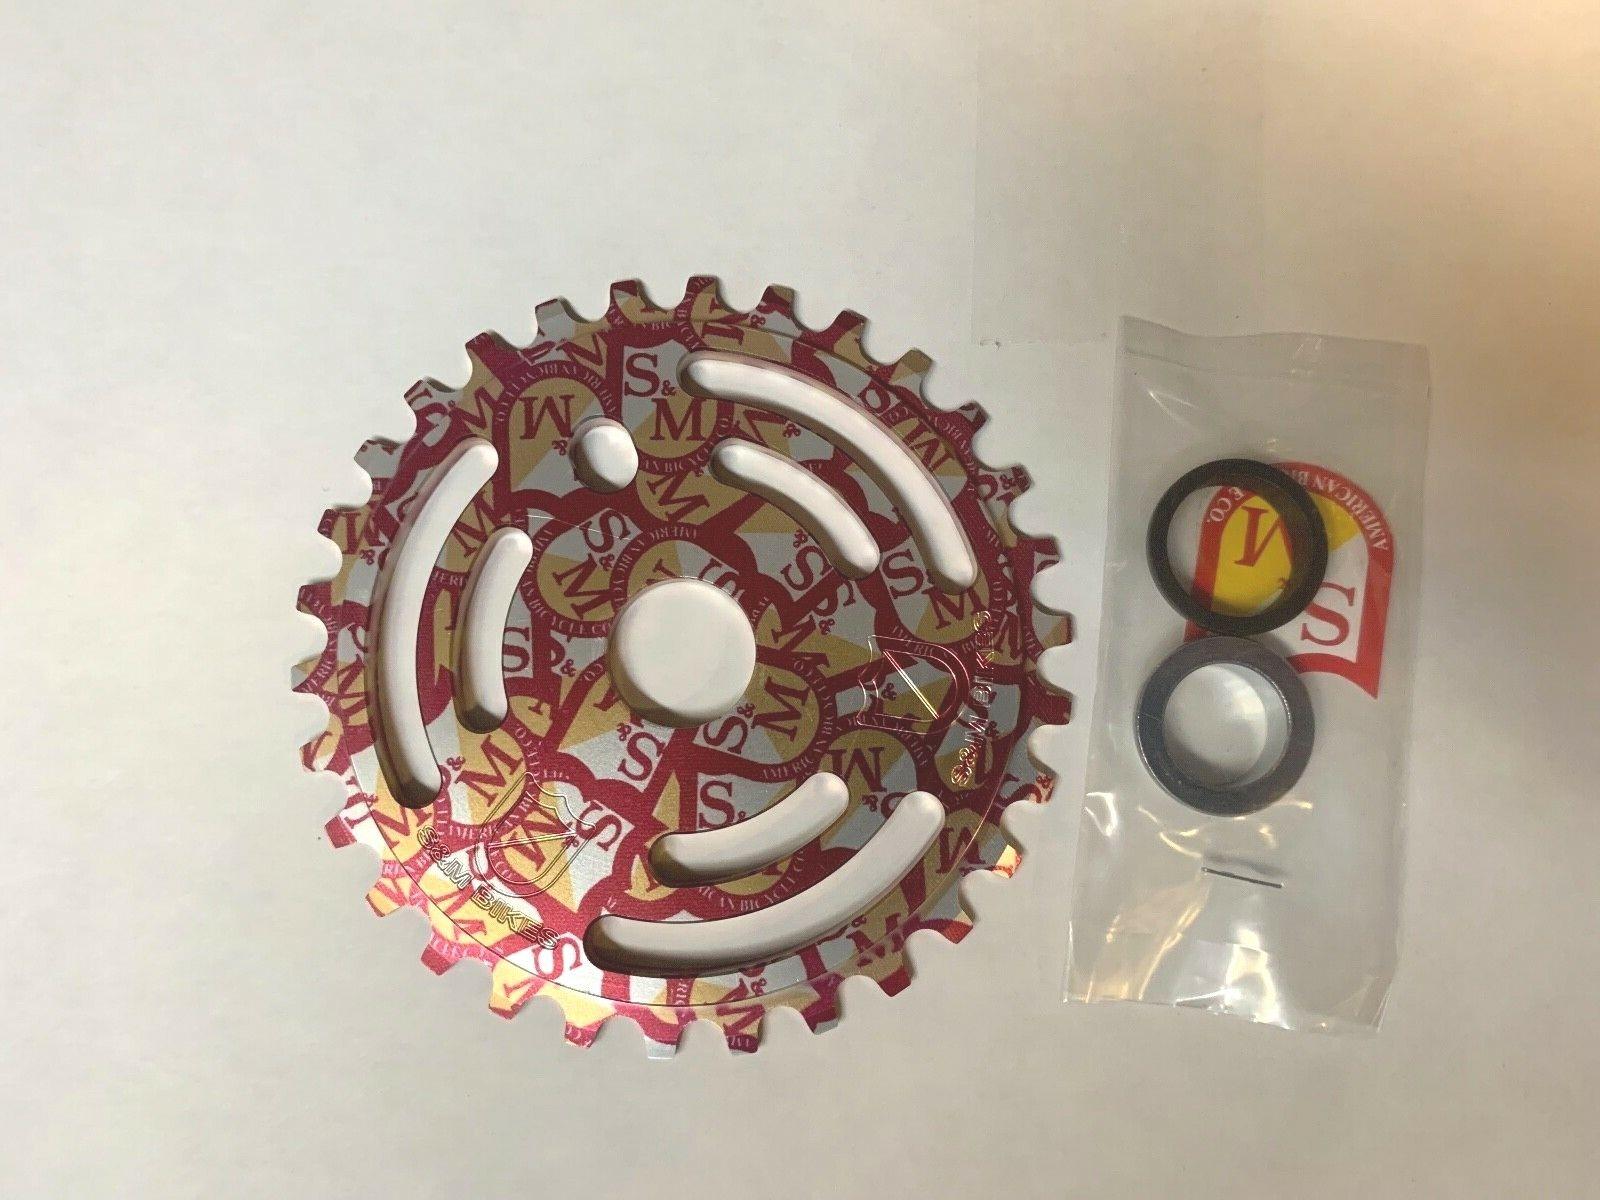 S&M drenaje hombre Piñón Escudo Wrap 36 diente  36T Bicicleta Bmx ChainWheel Drainman  Con 100% de calidad y servicio de% 100.